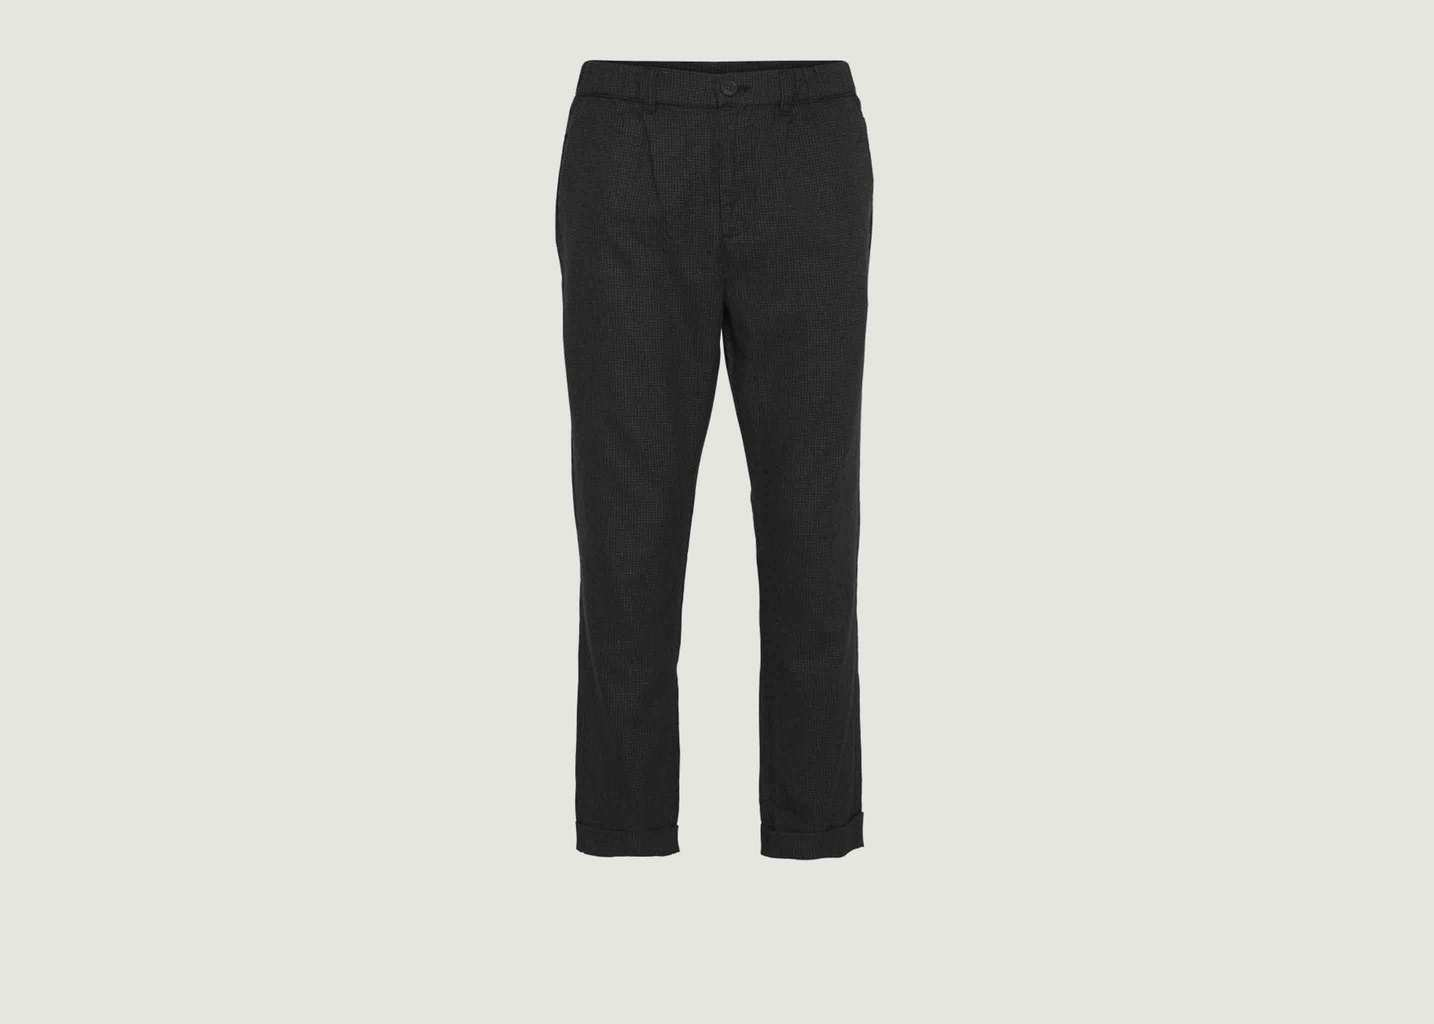 Pantalon Droit Motif Pied-De-Poule - Knowledge Cotton Apparel